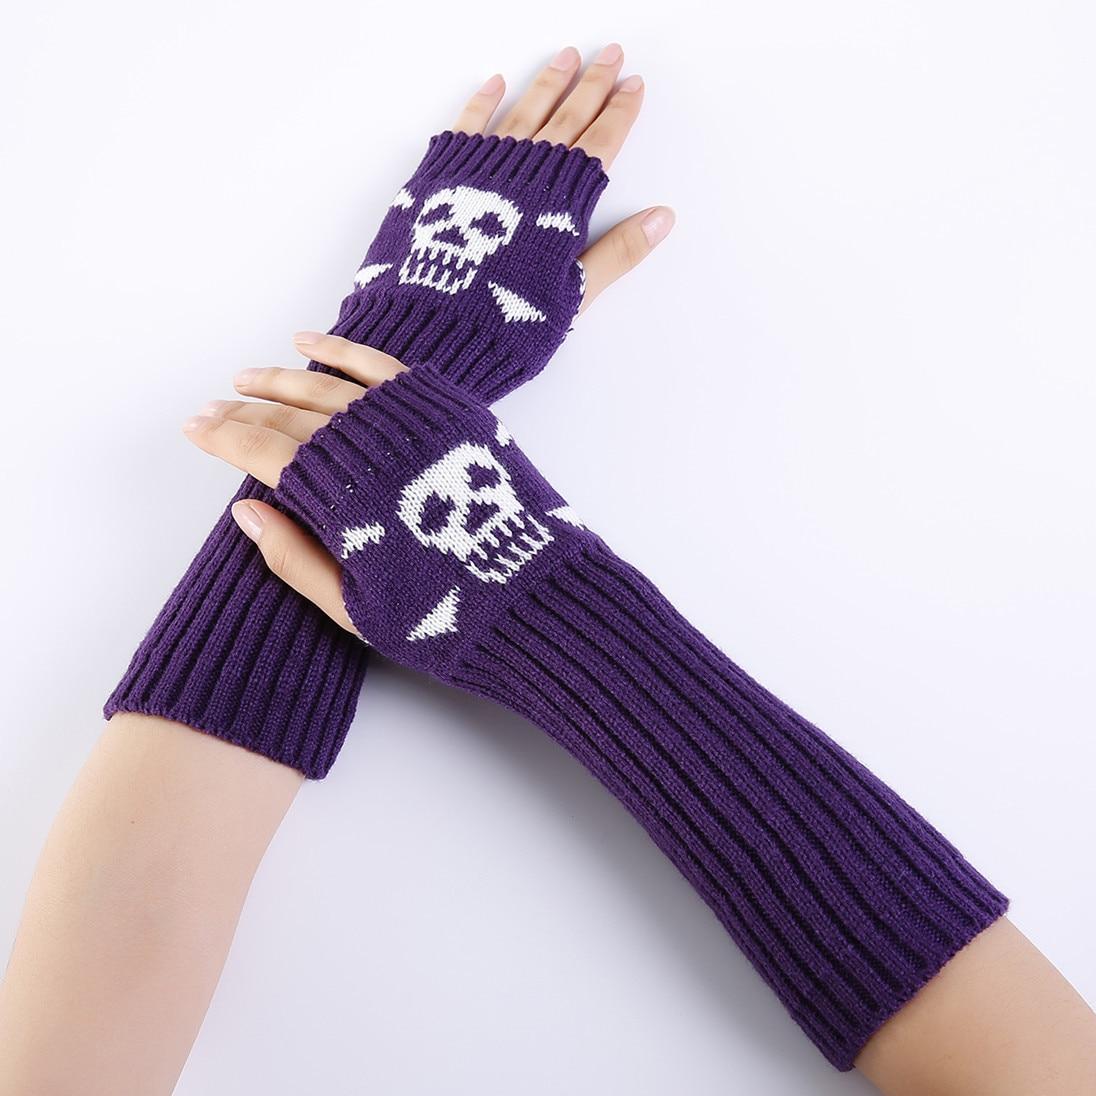 2018 Winter Jacquard Schädel Halbe Finger Mode Warme Handschuhe Damen Gestrickte Ski Arm Wärmer 1 Paar Gut FüR Energie Und Die Milz